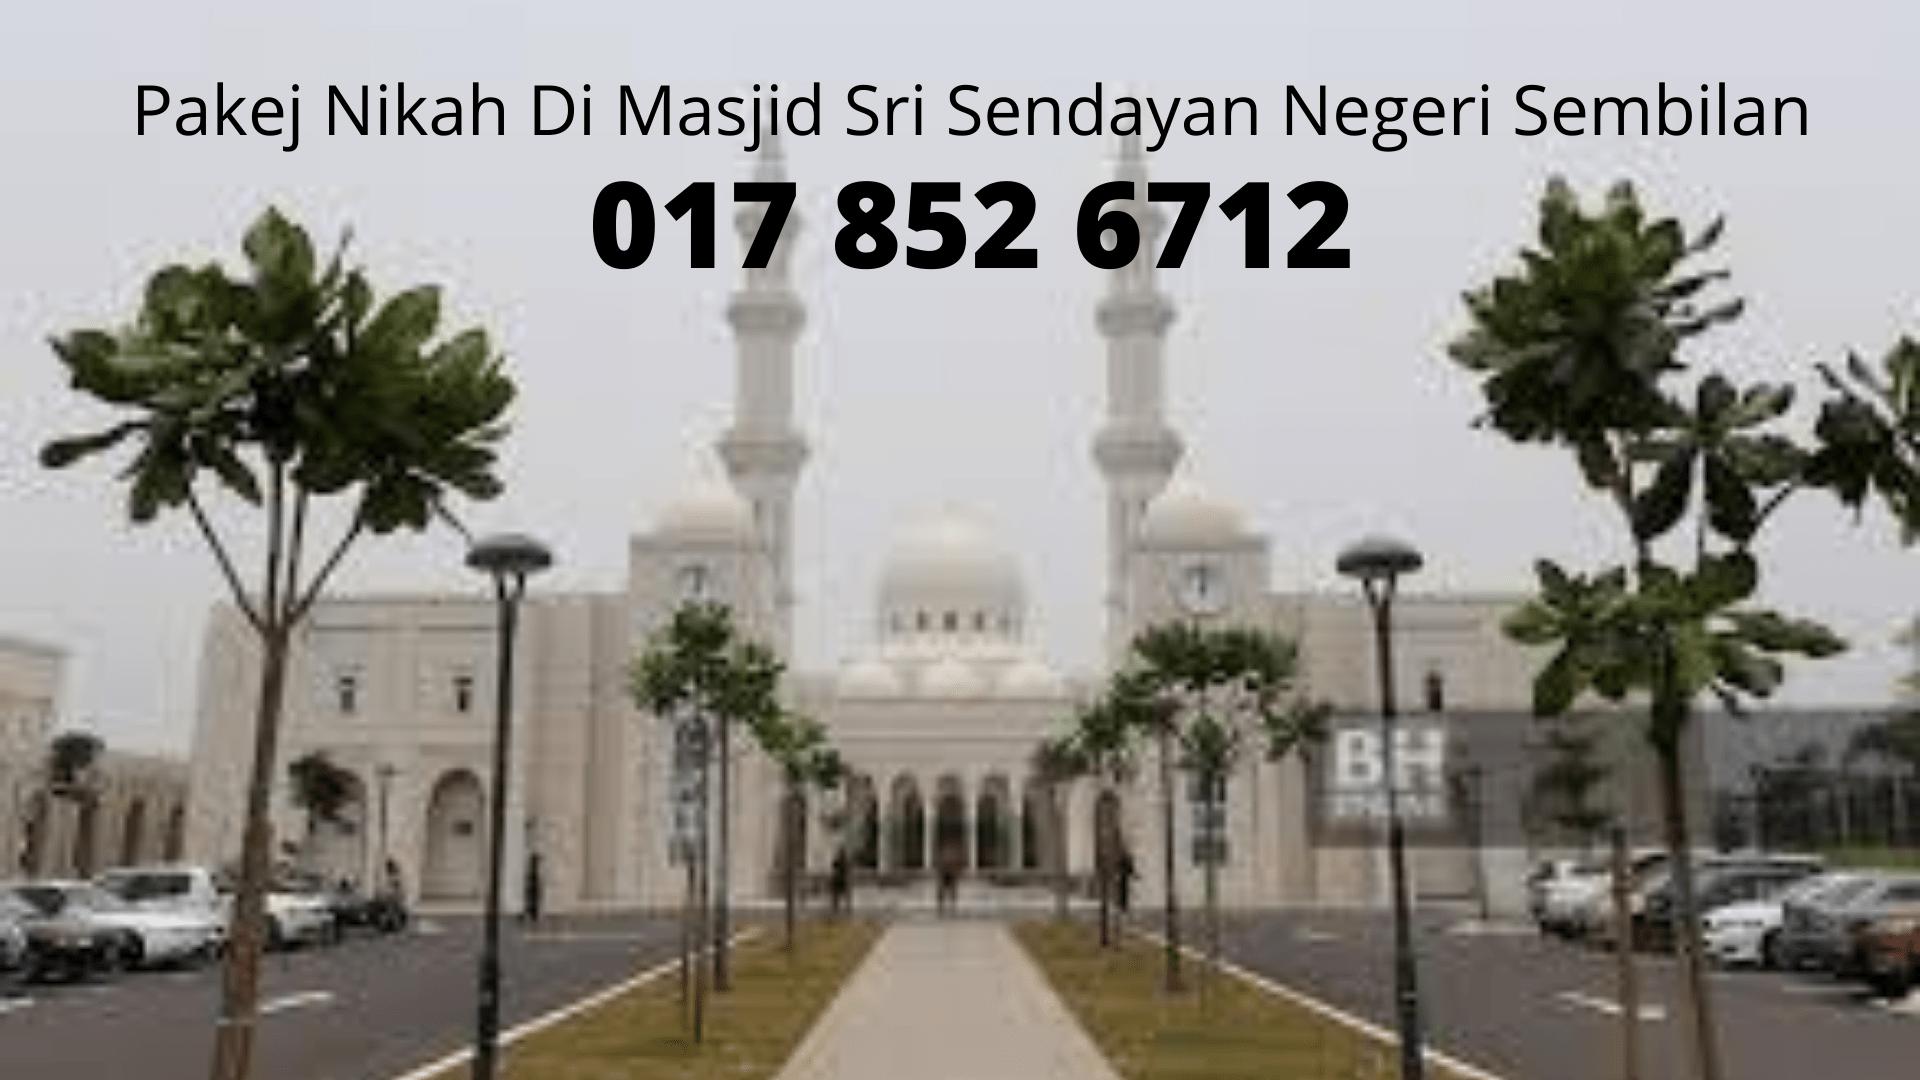 Pakej-Nikah-Di-Masjid-Sri-Sendayan-0178526712-Negeri-Sembilan